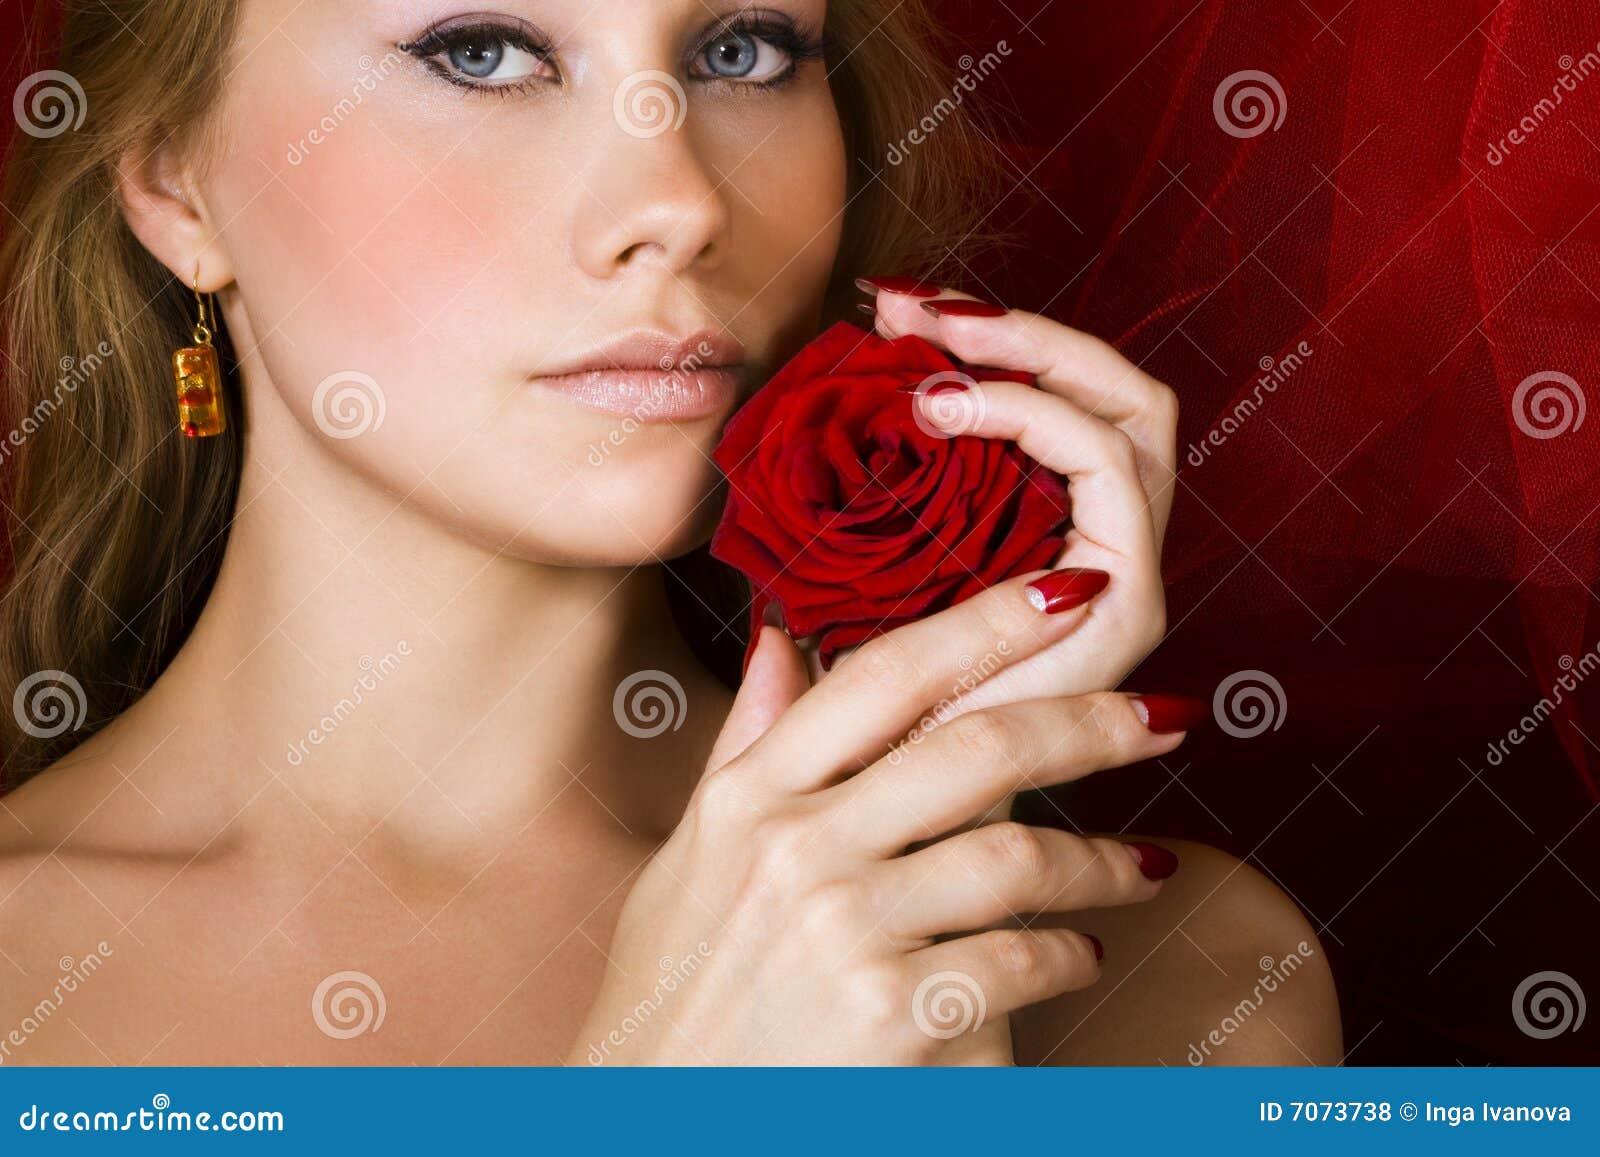 La belleza con rojo se levantó